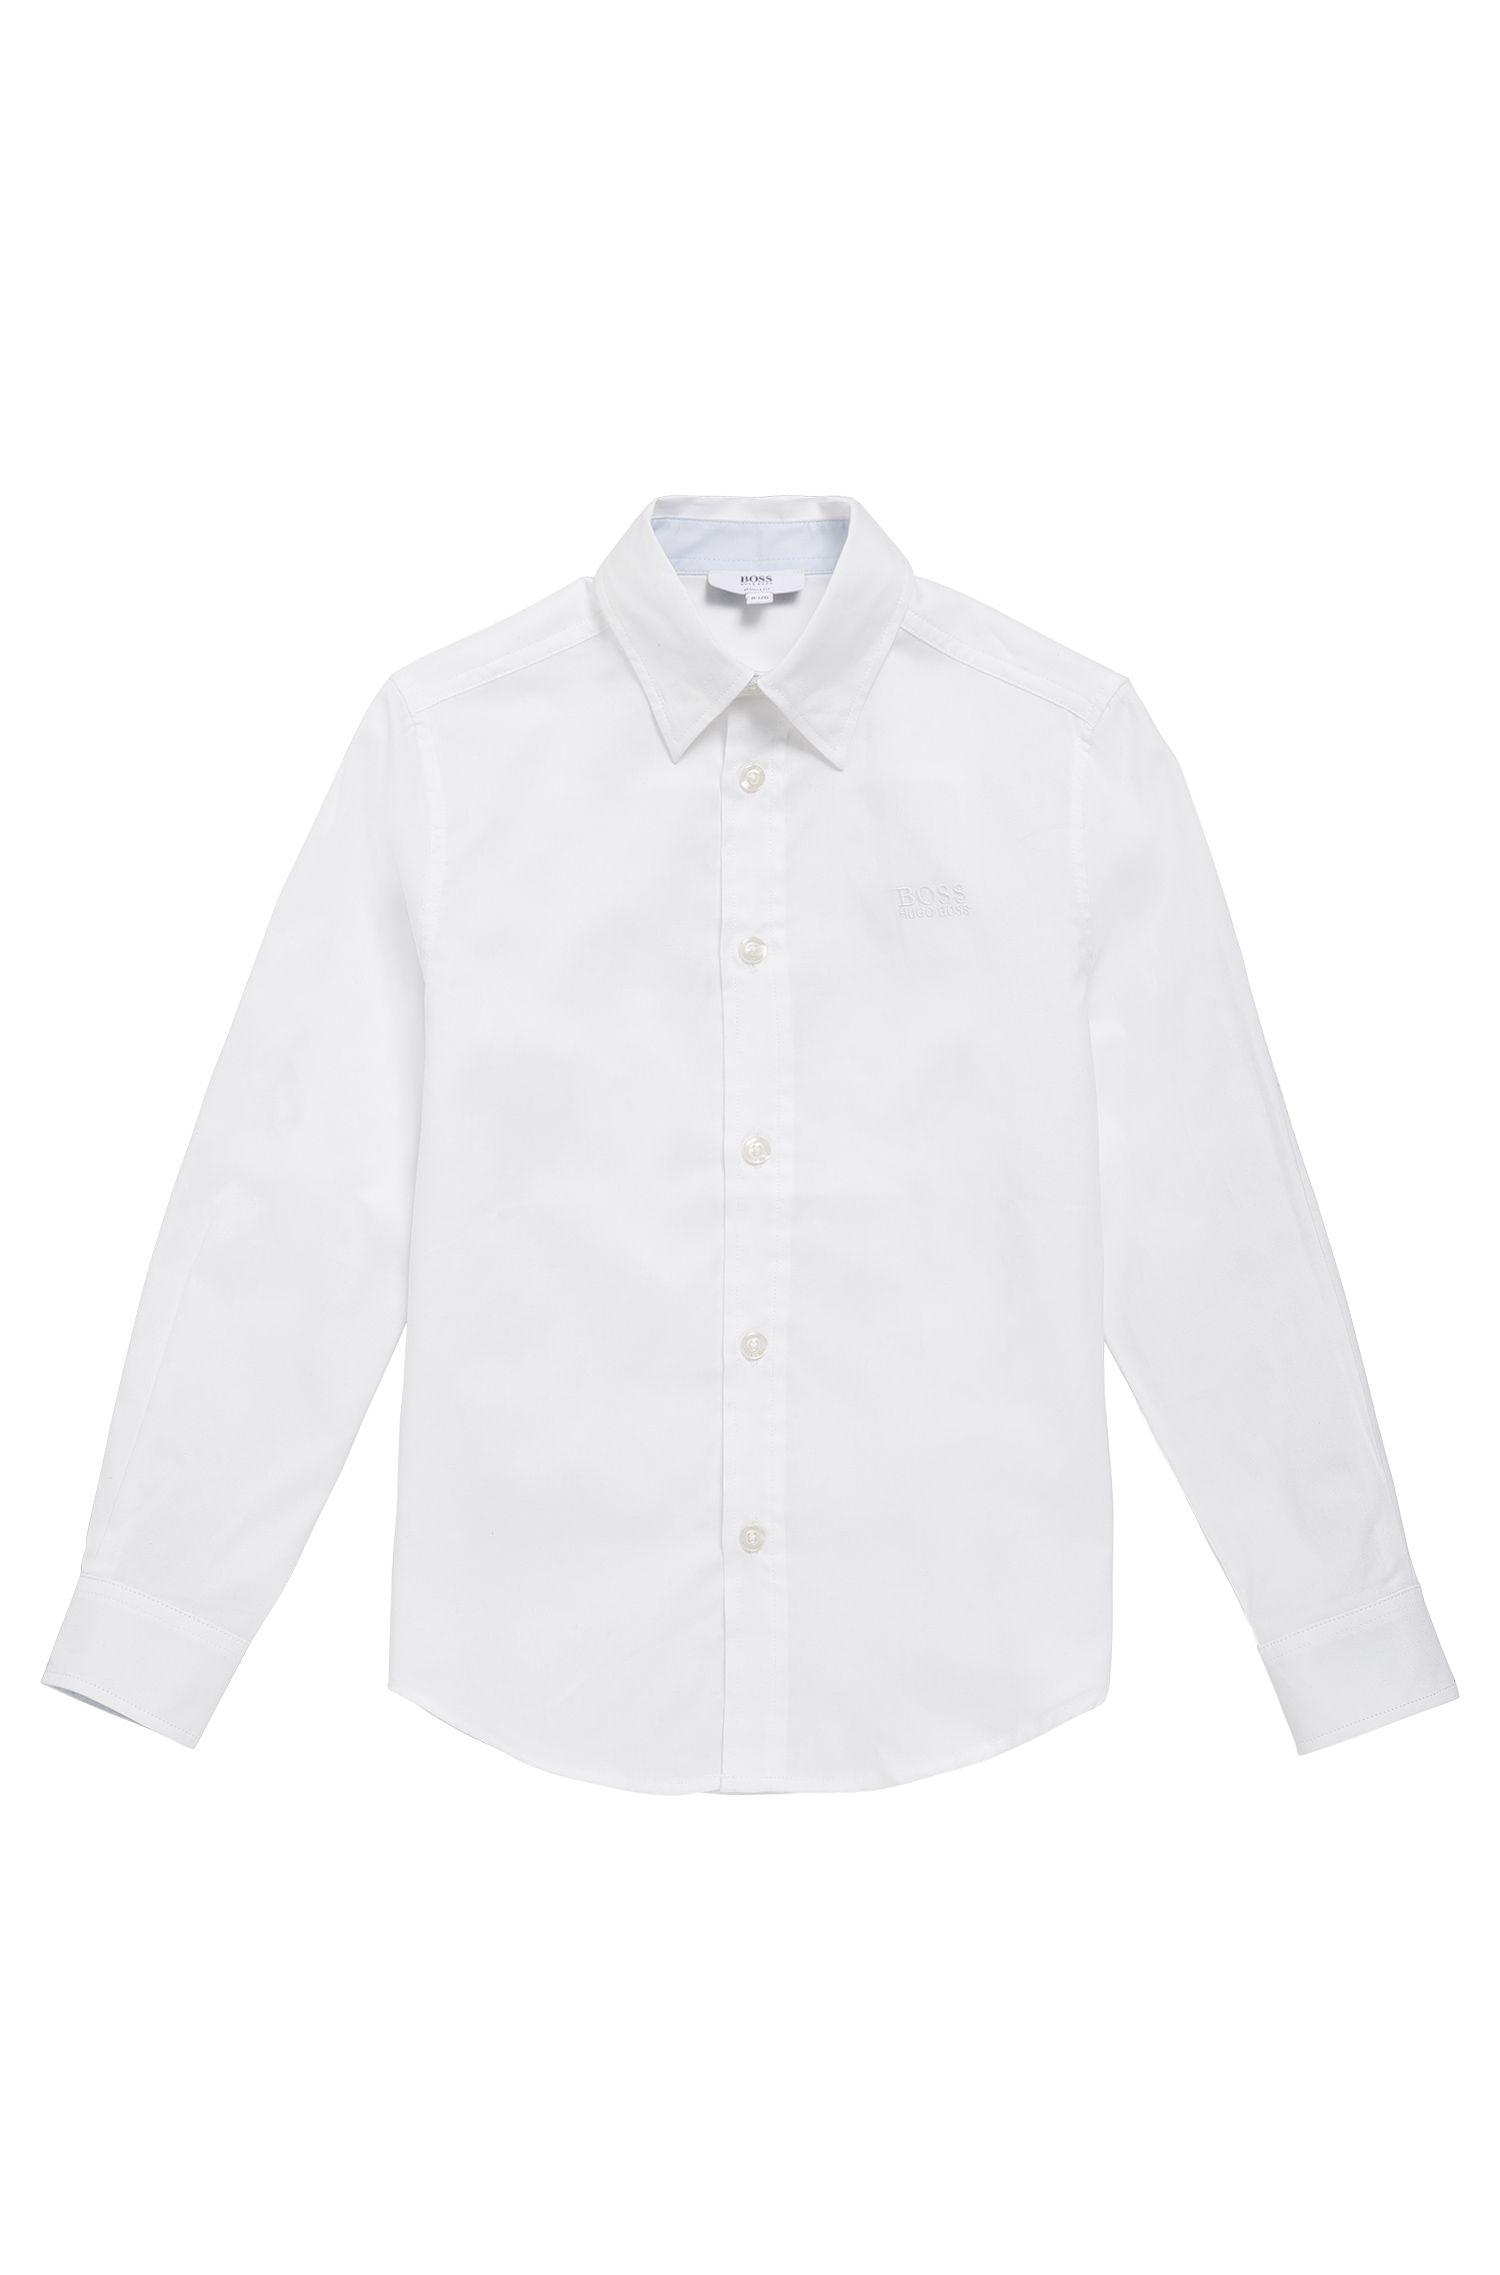 Kinderoverhemd van fijngestructureerde katoen: 'J25977'